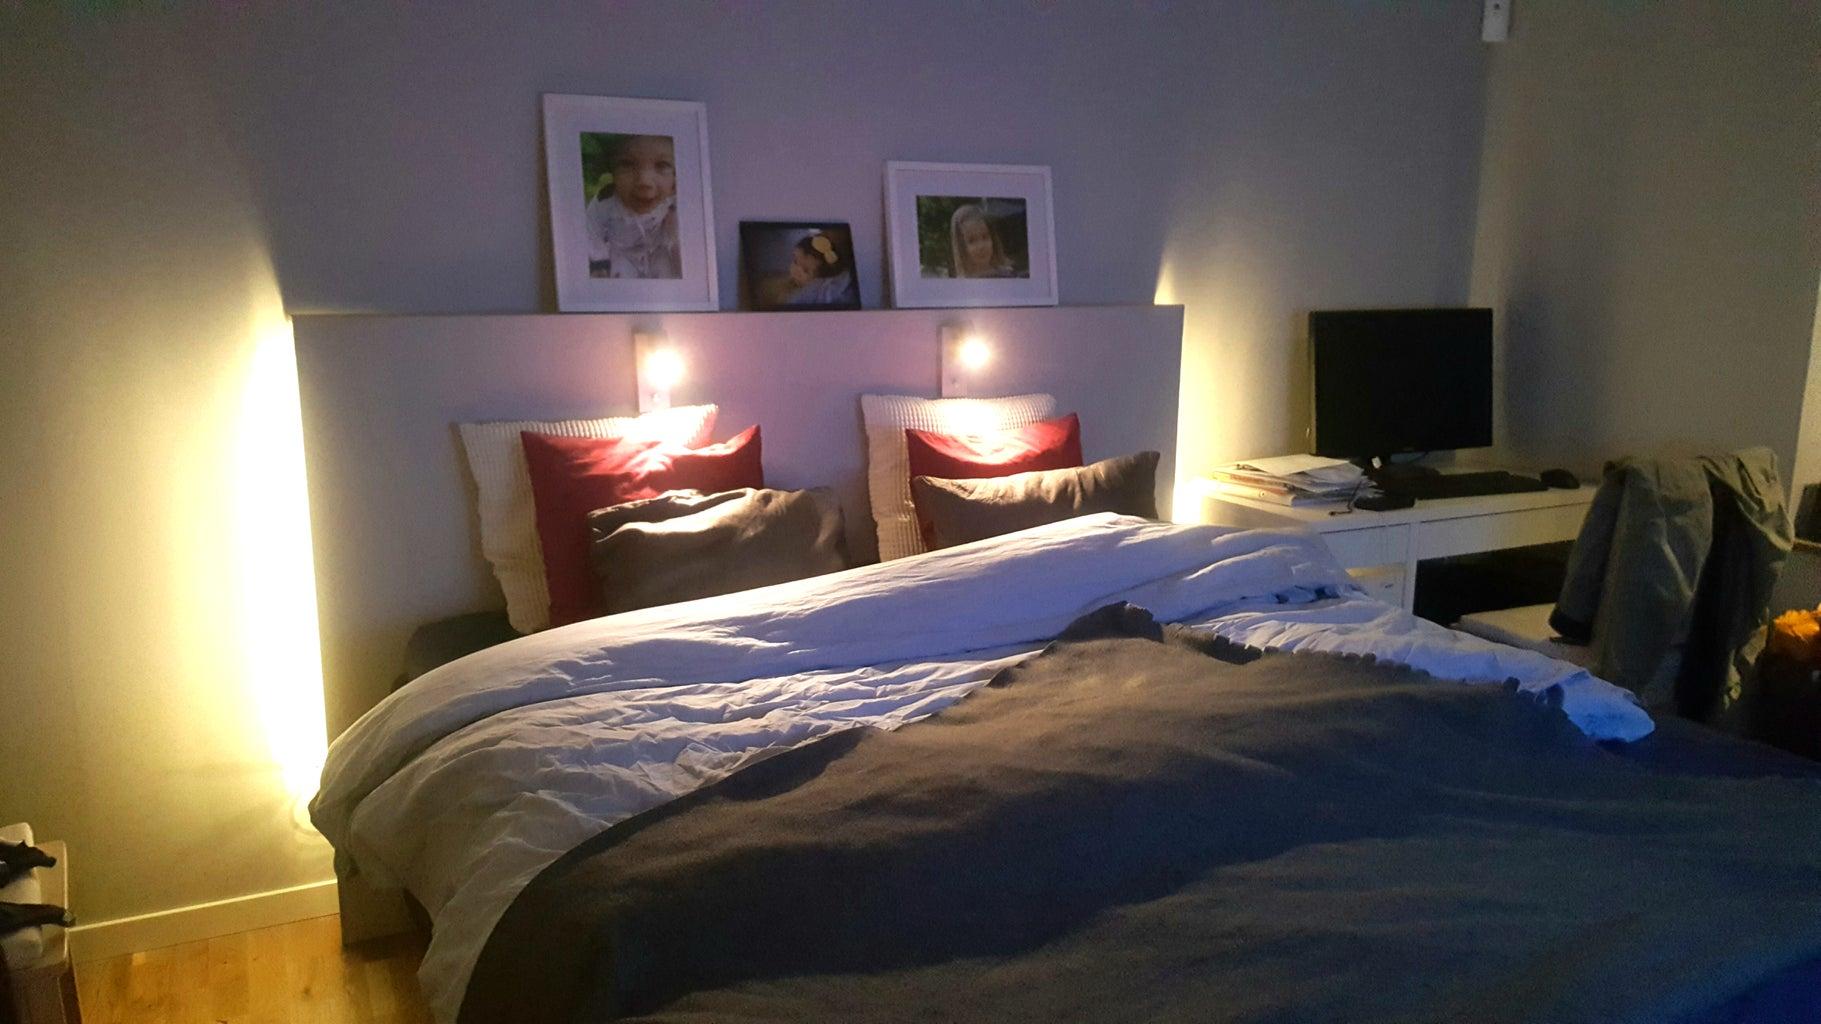 Bed Spotlights